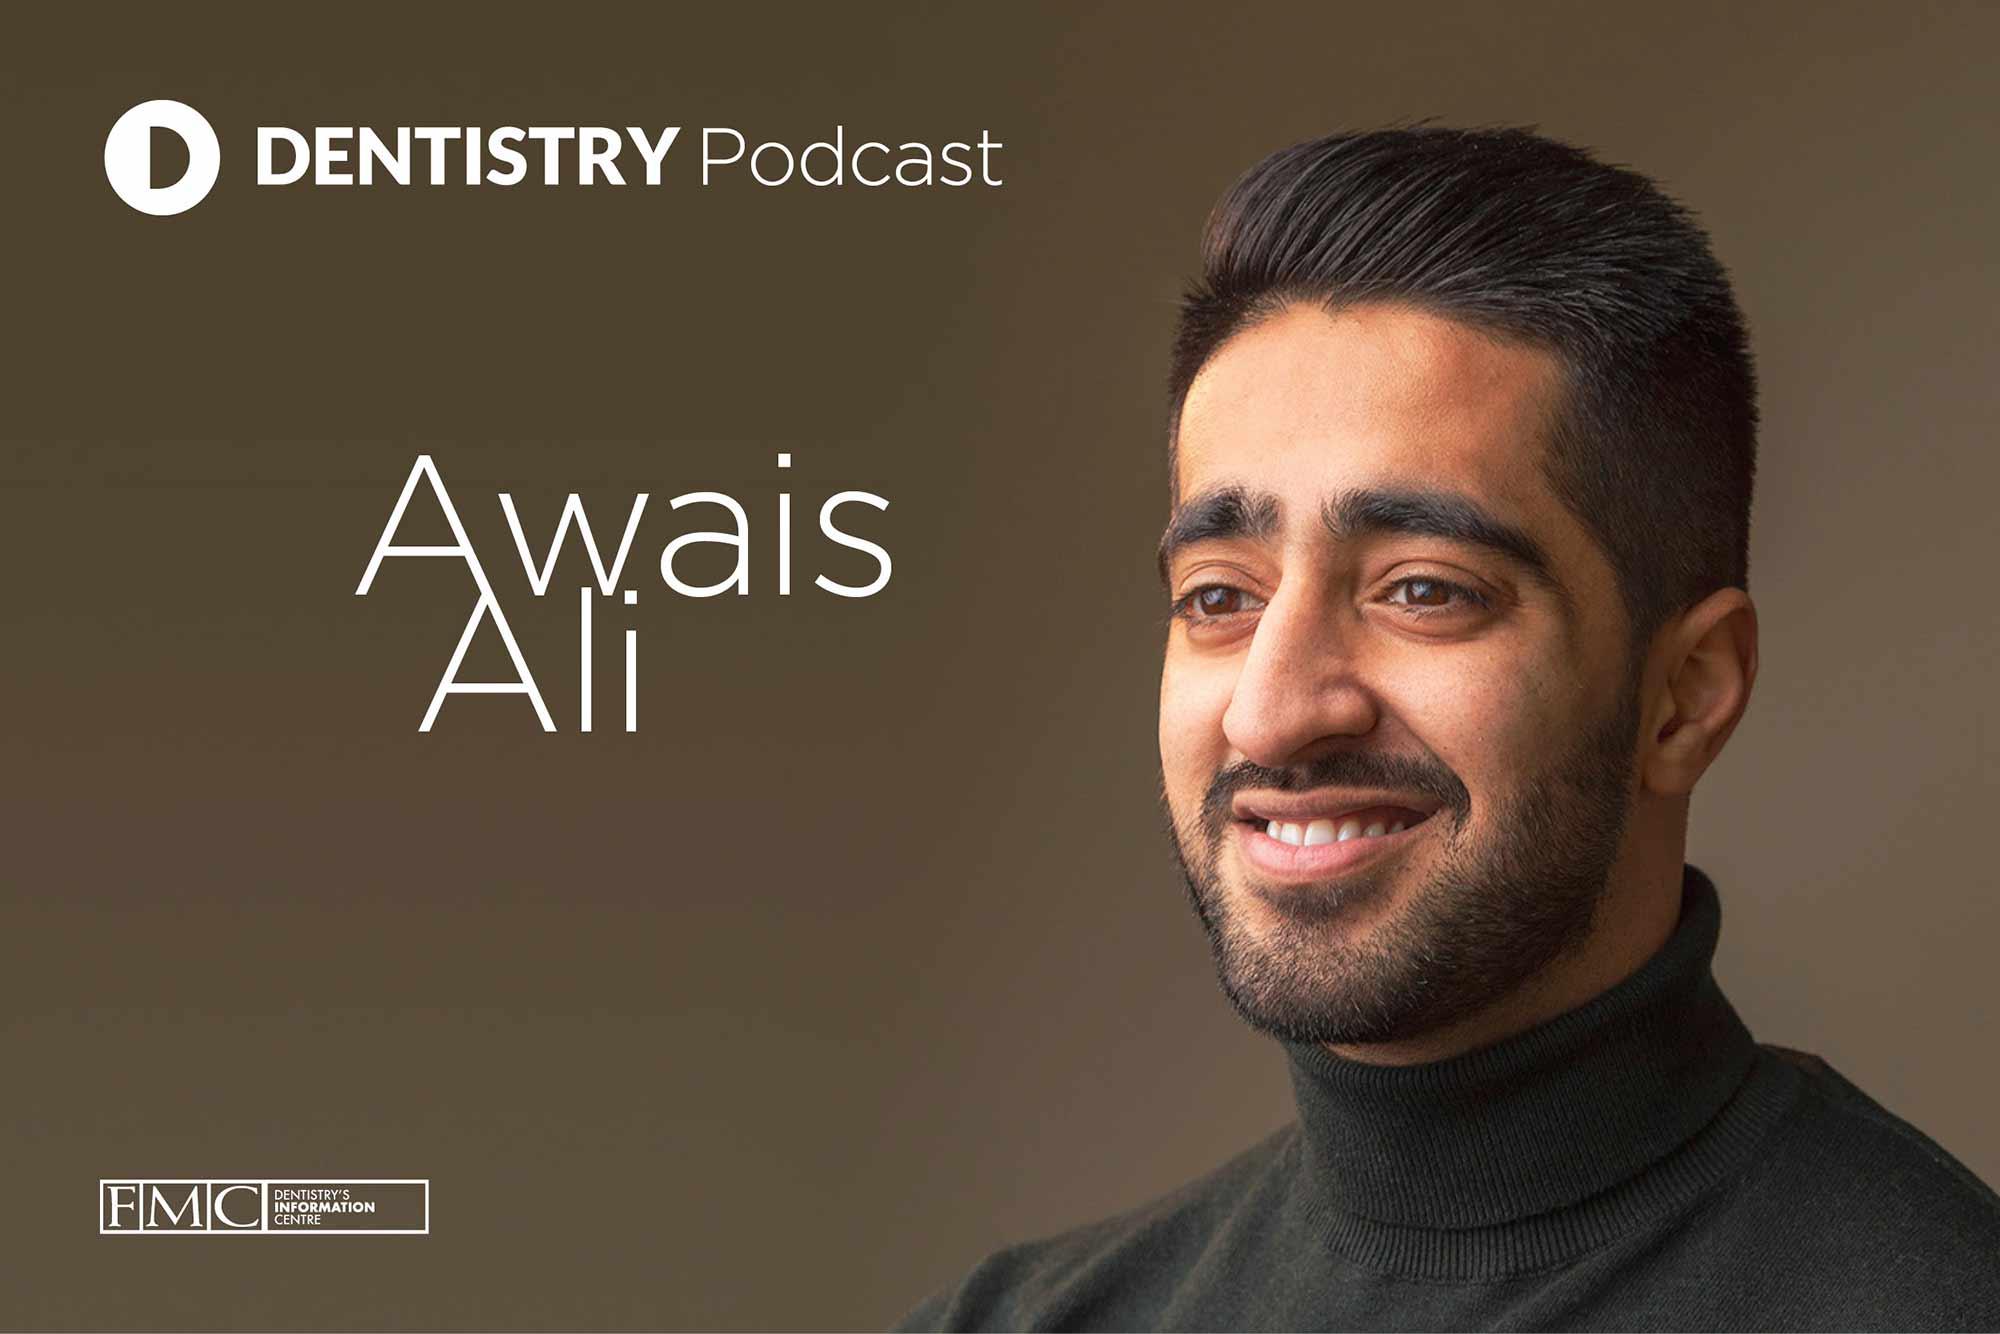 Awais Ali